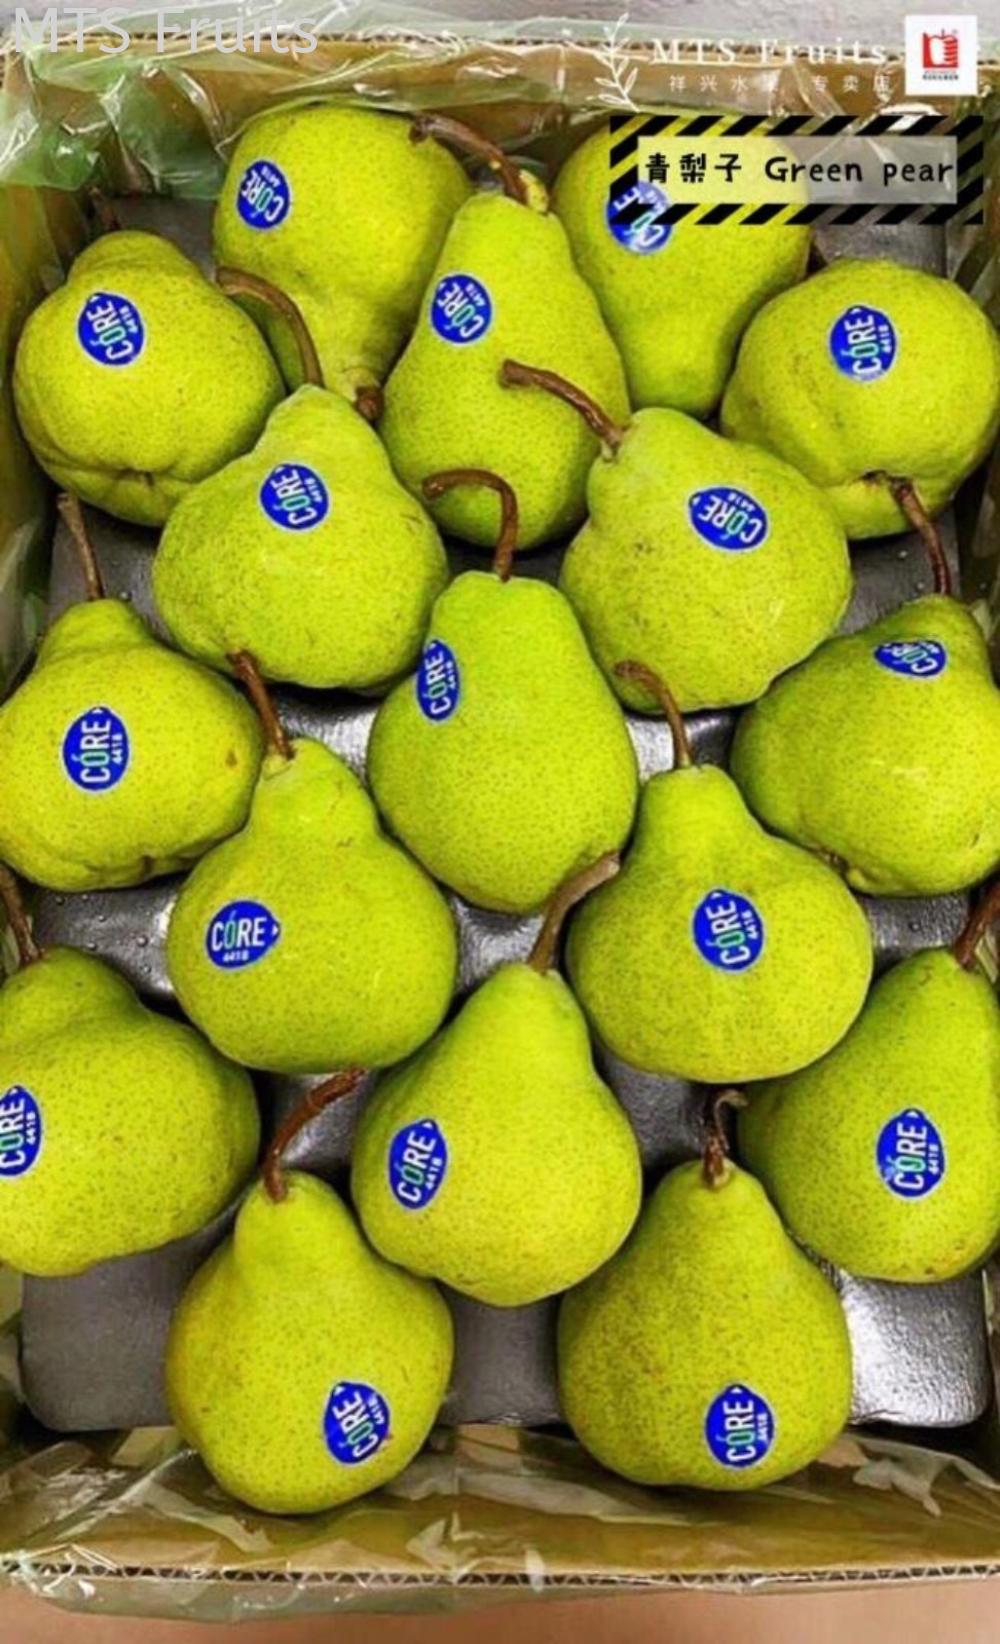 青梨子 Green pear